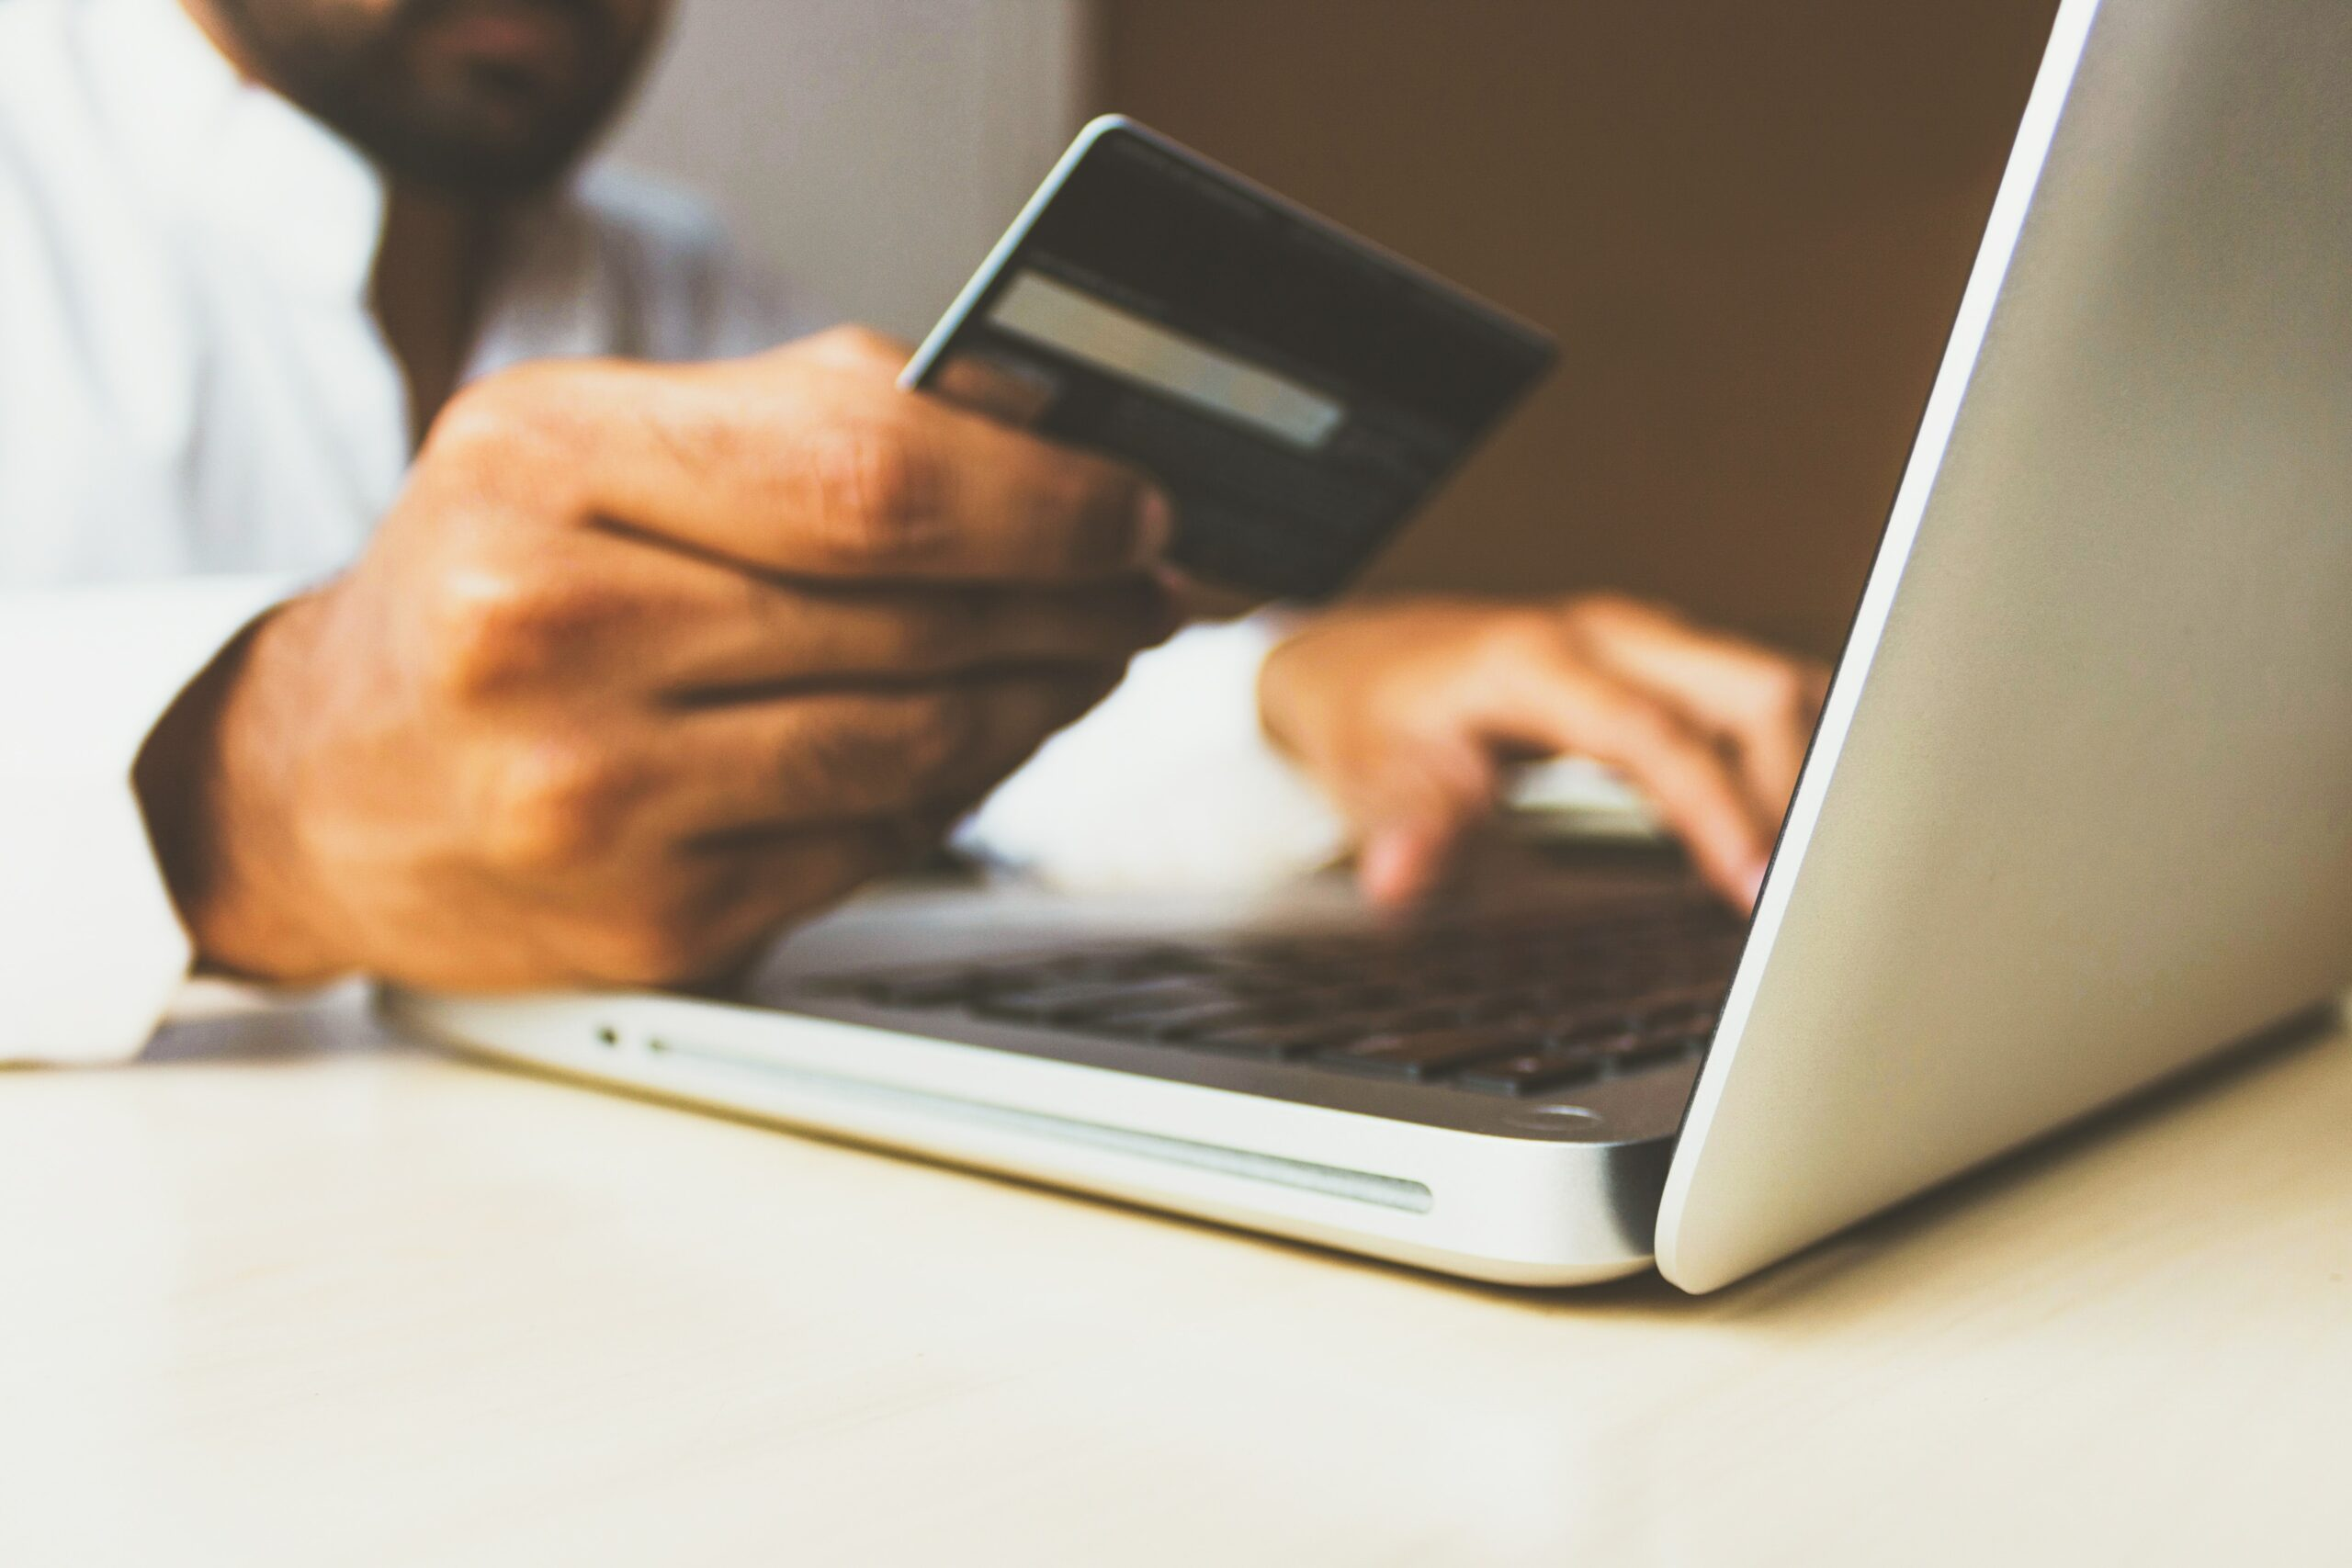 homem-pegando-credito-pessoal-online